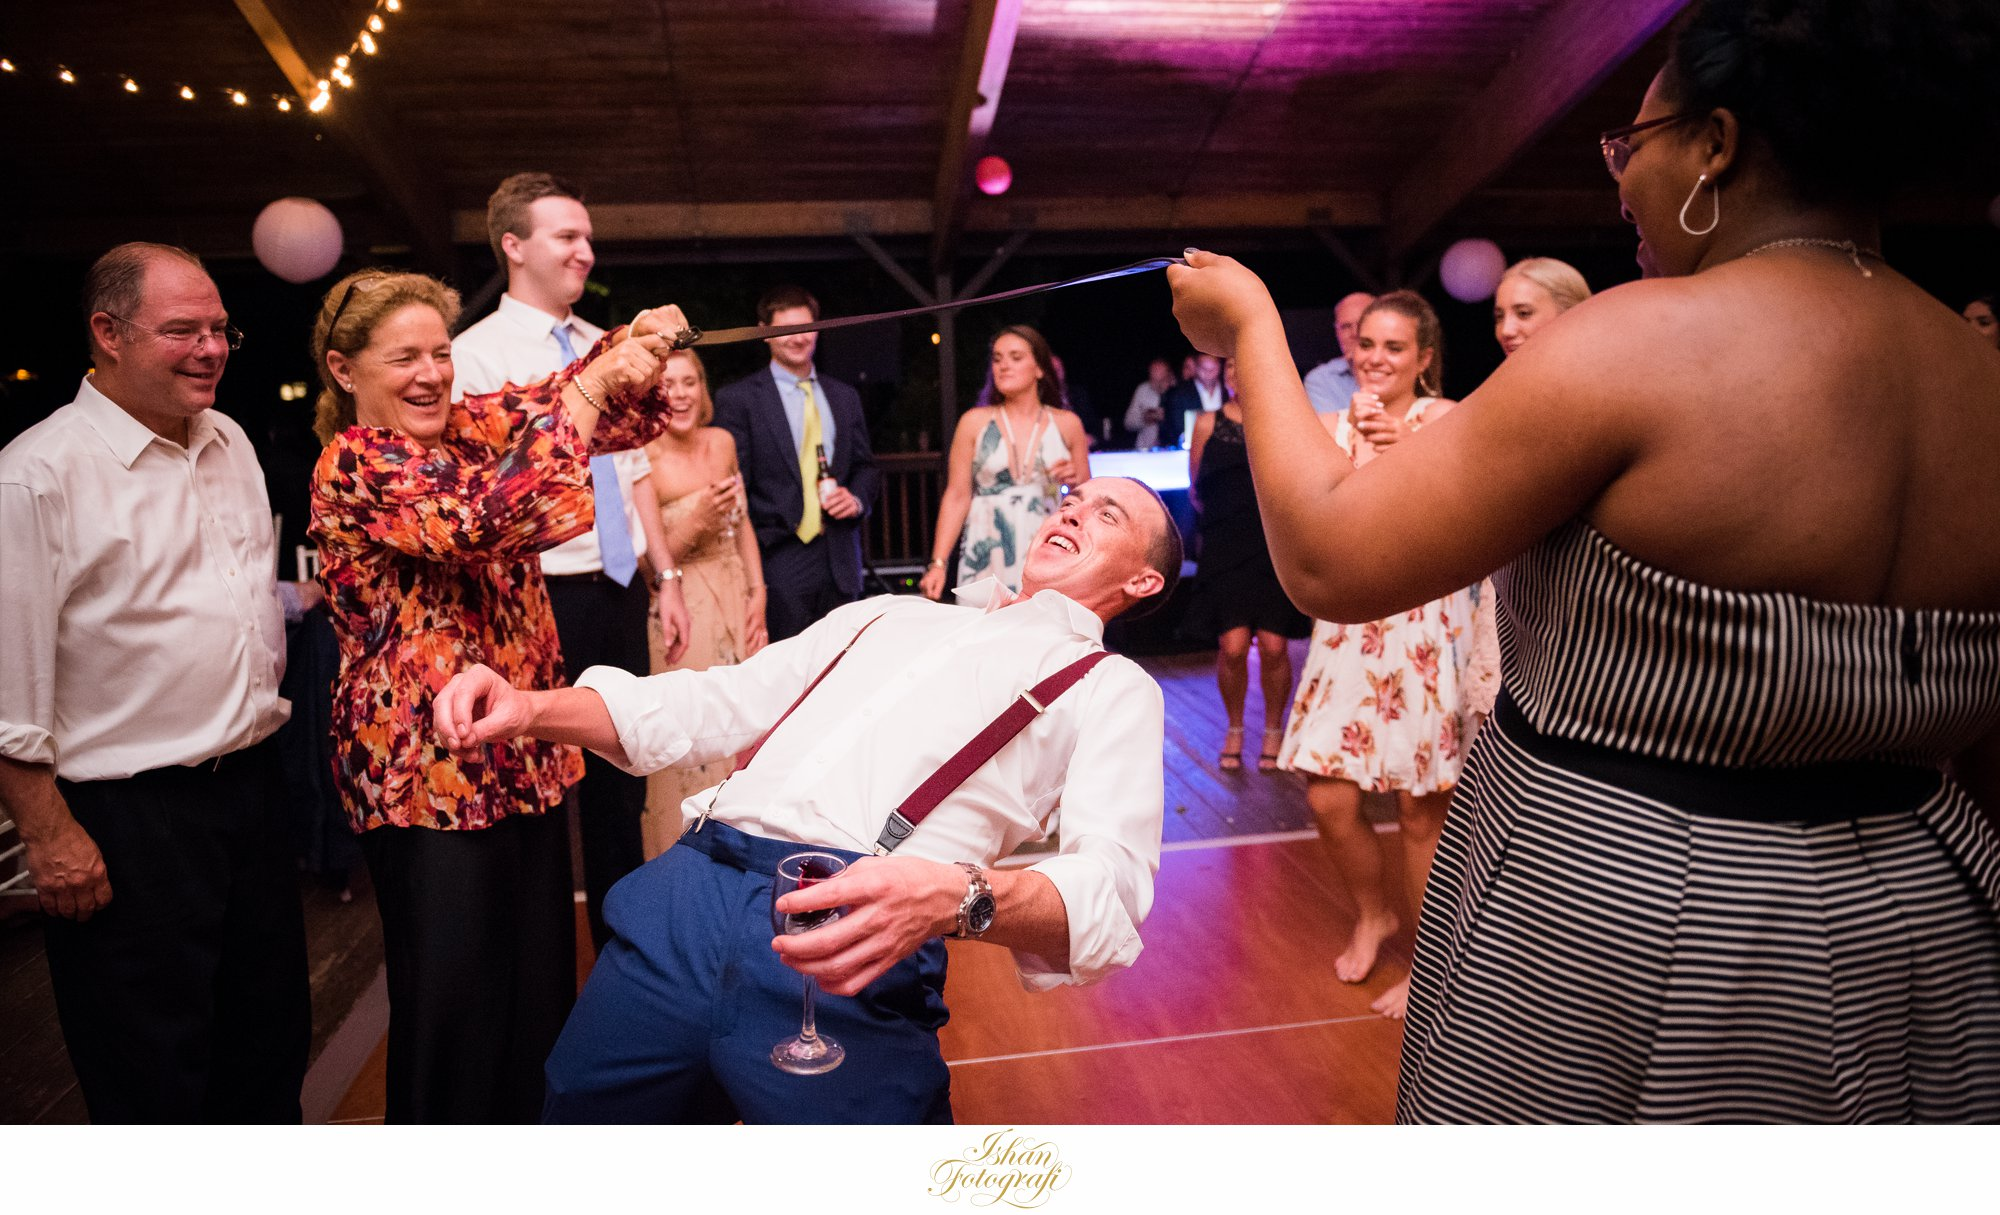 outdoor-wedding-reception-venues-nj